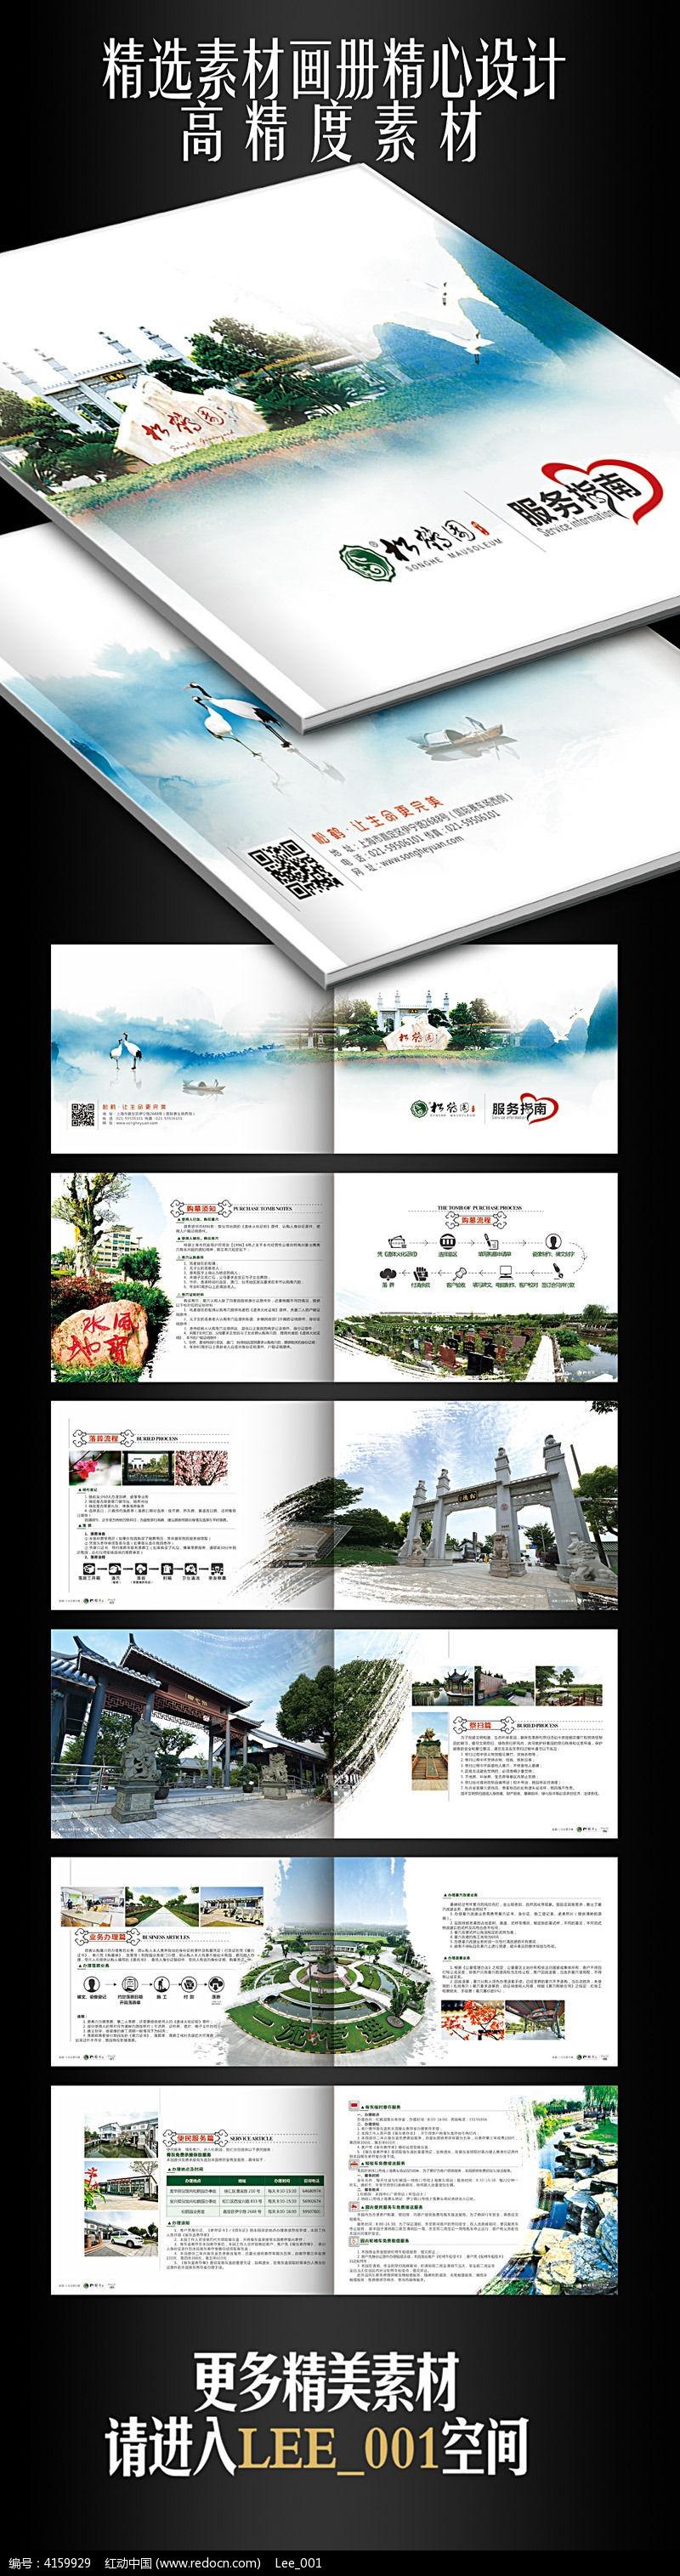 中国风公墓画册设计图片